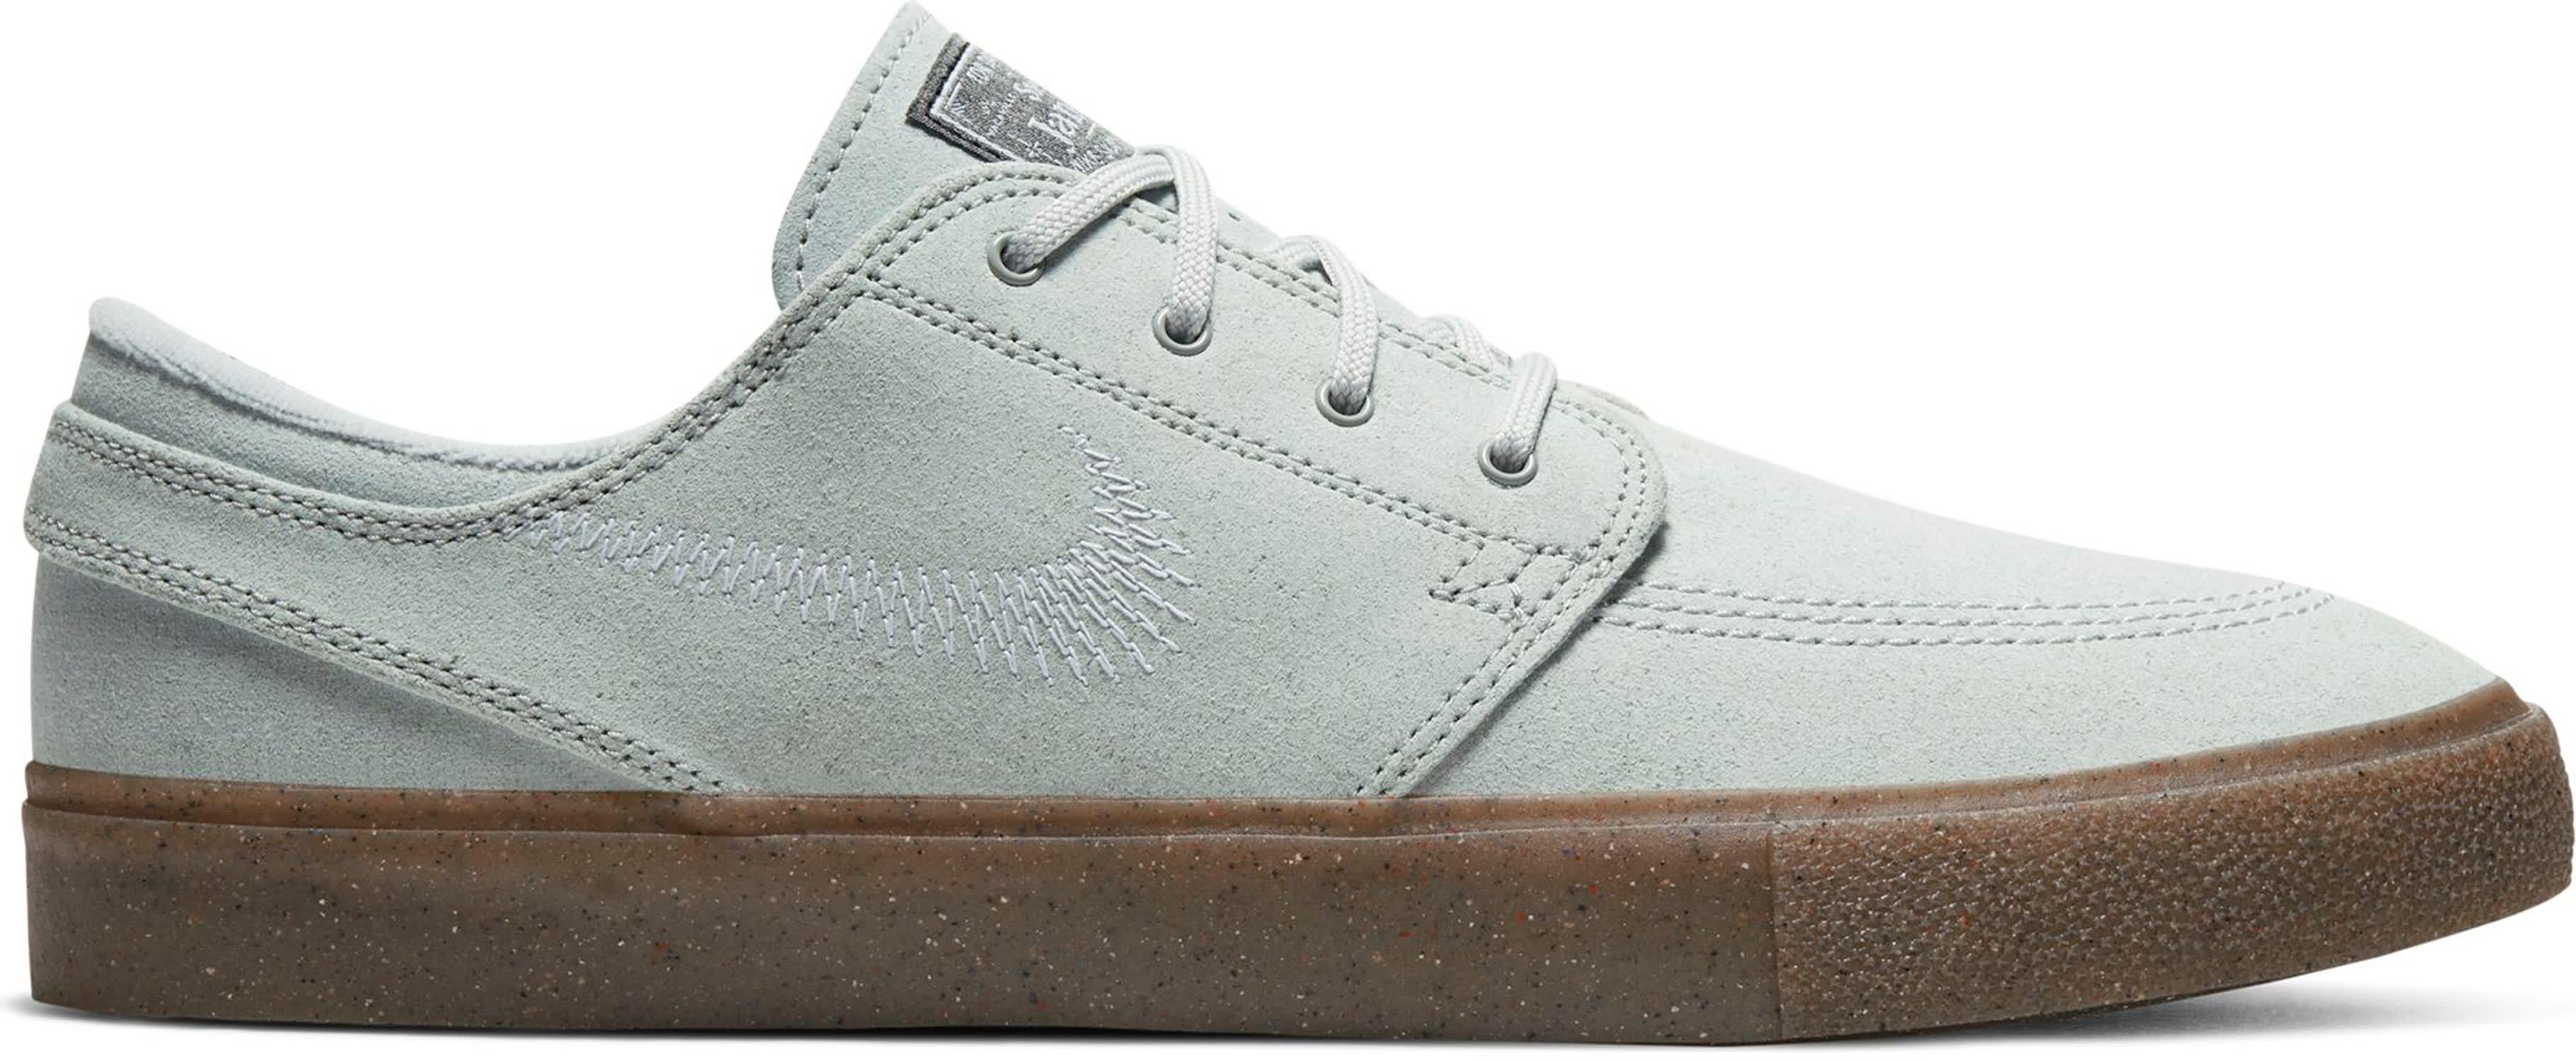 El cielo Diagnosticar Que agradable  Nike SB Zoom Stefan Janoski FL RM Skate Shoes